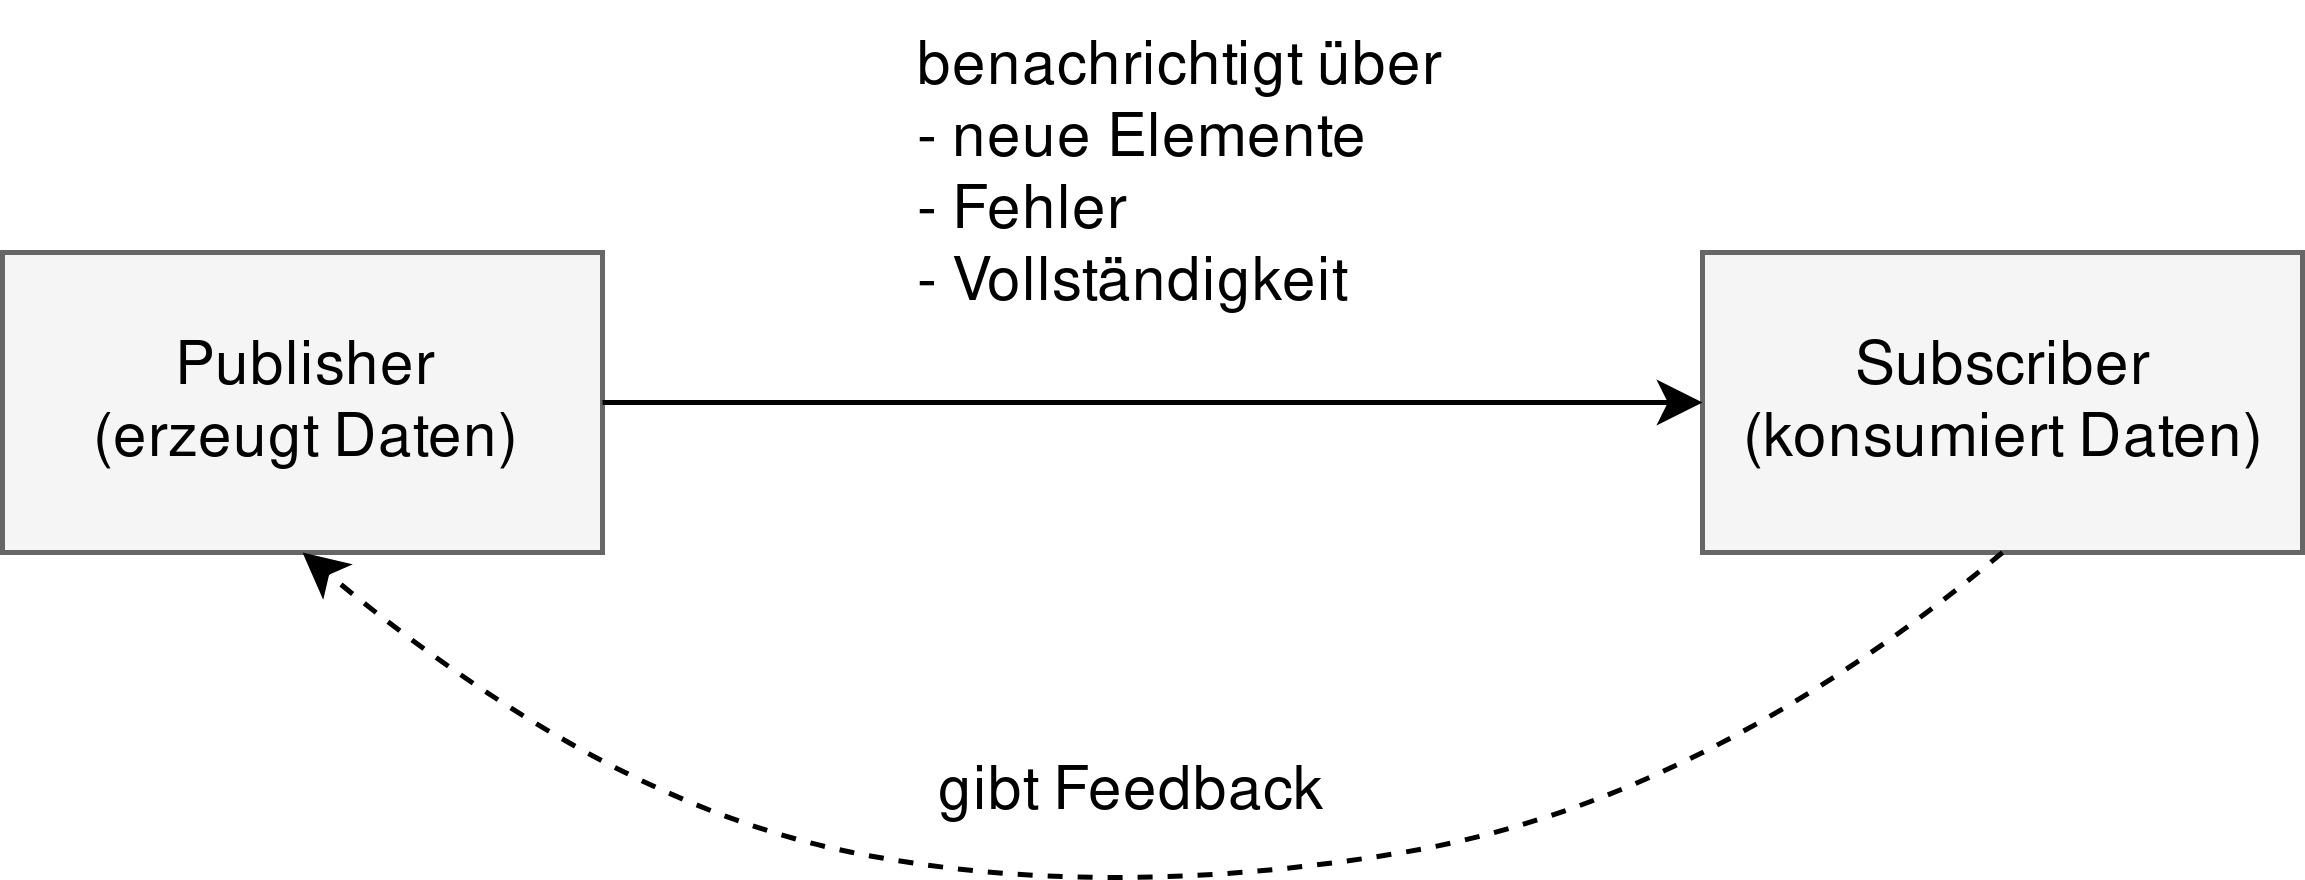 Abbildung 4: Zusammenhang zwischen Publisher und Subscriber